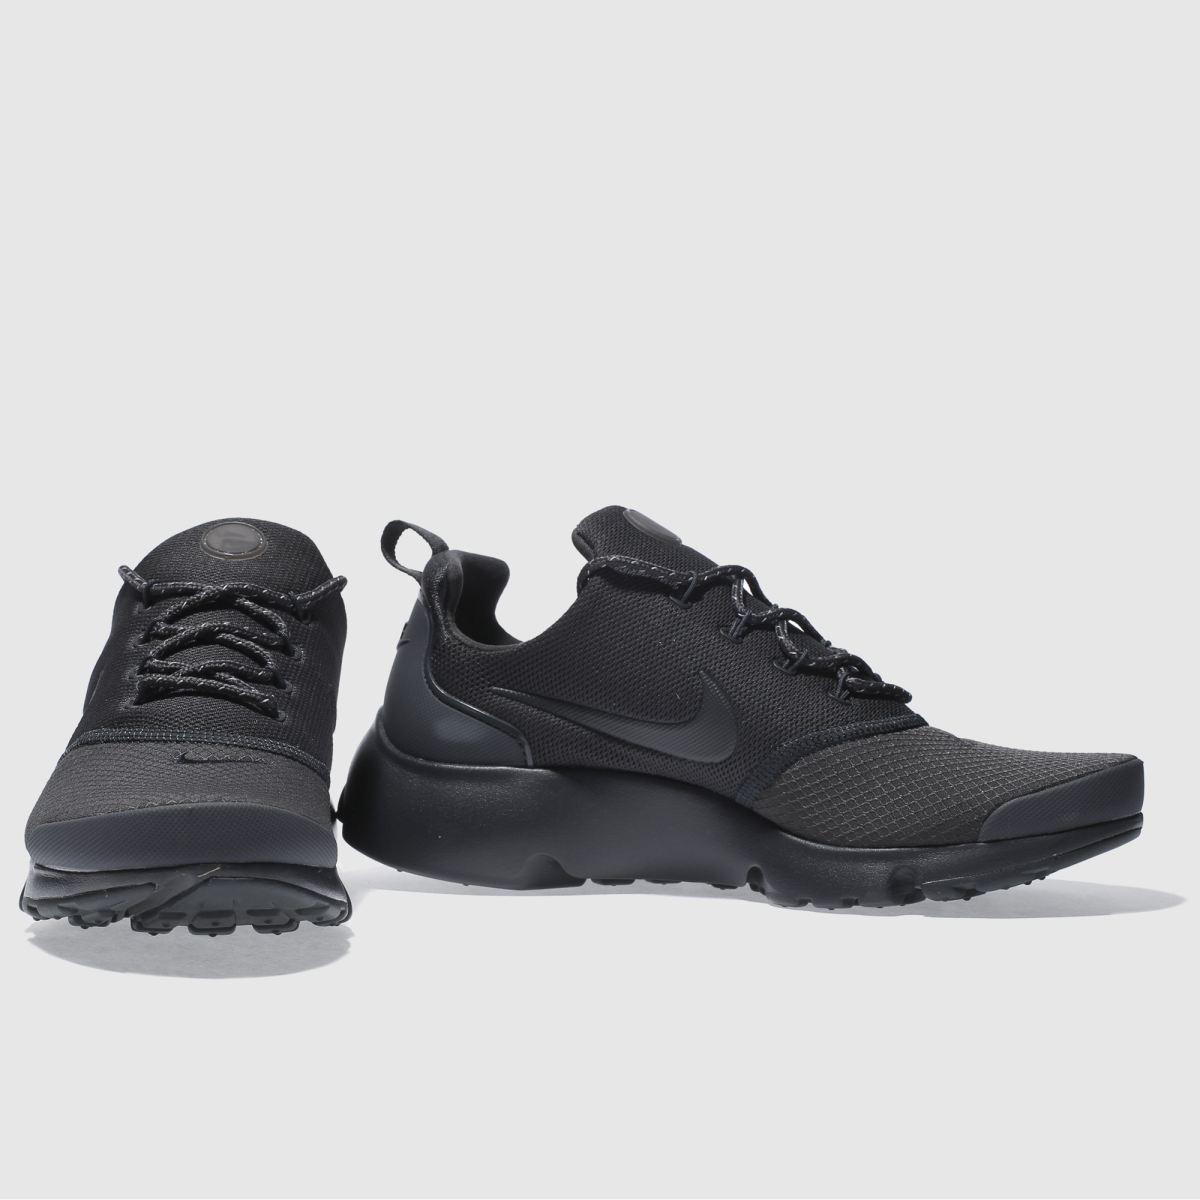 Nike Gute Qualität Nike Air Presto Frauen Schuhe Leinen